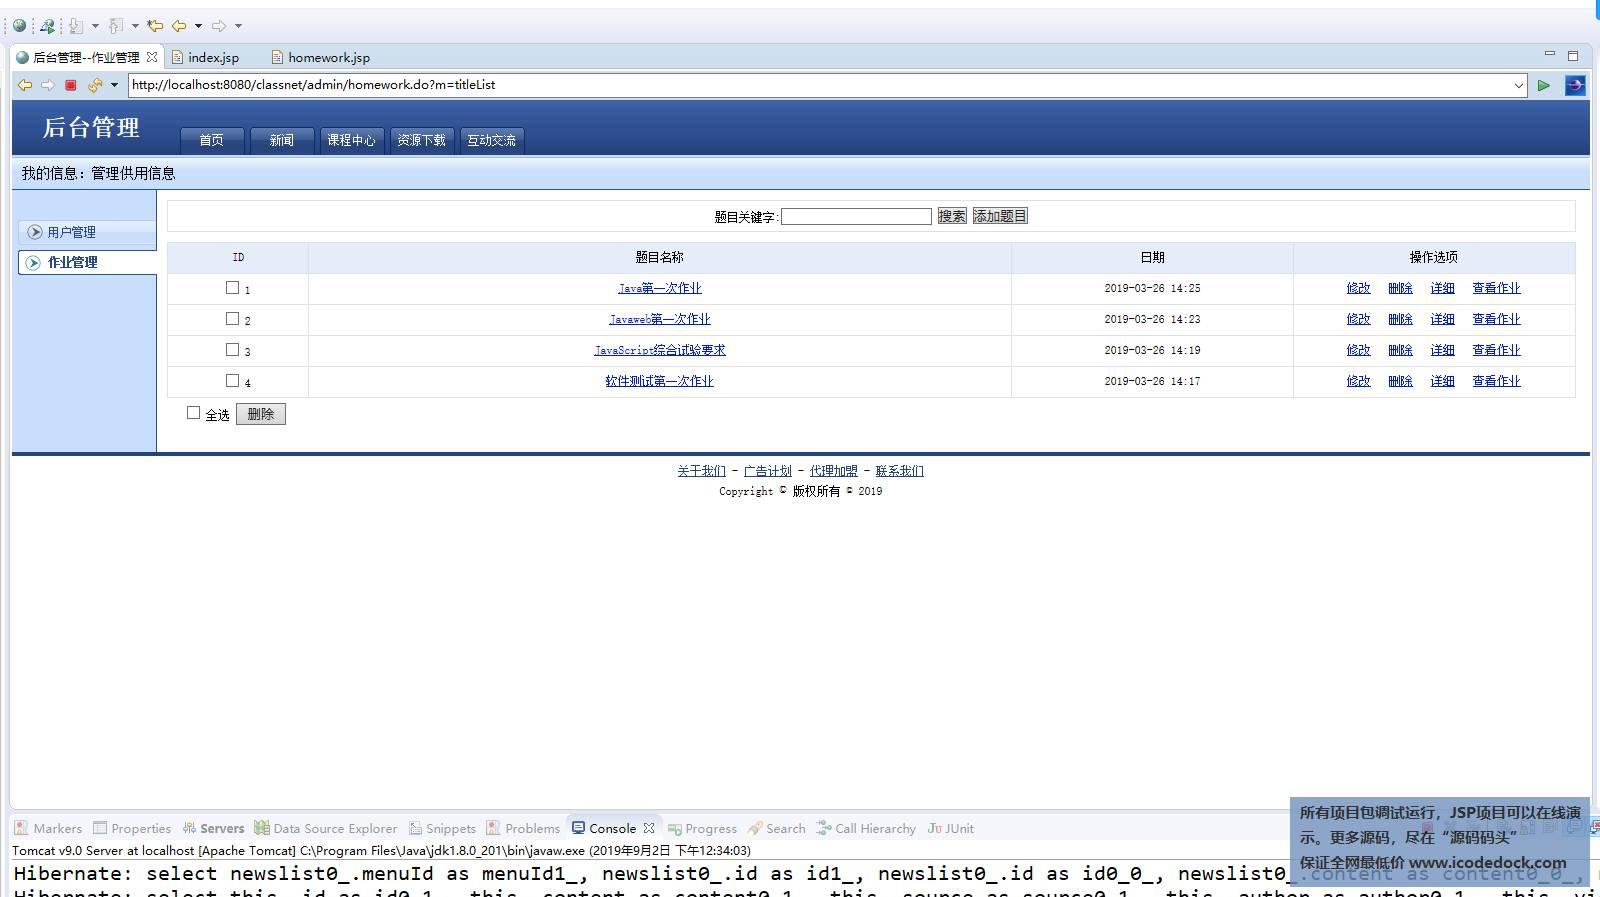 源码码头-SSH教学辅助视频学习交流管理系统-管理员角色-作业管理